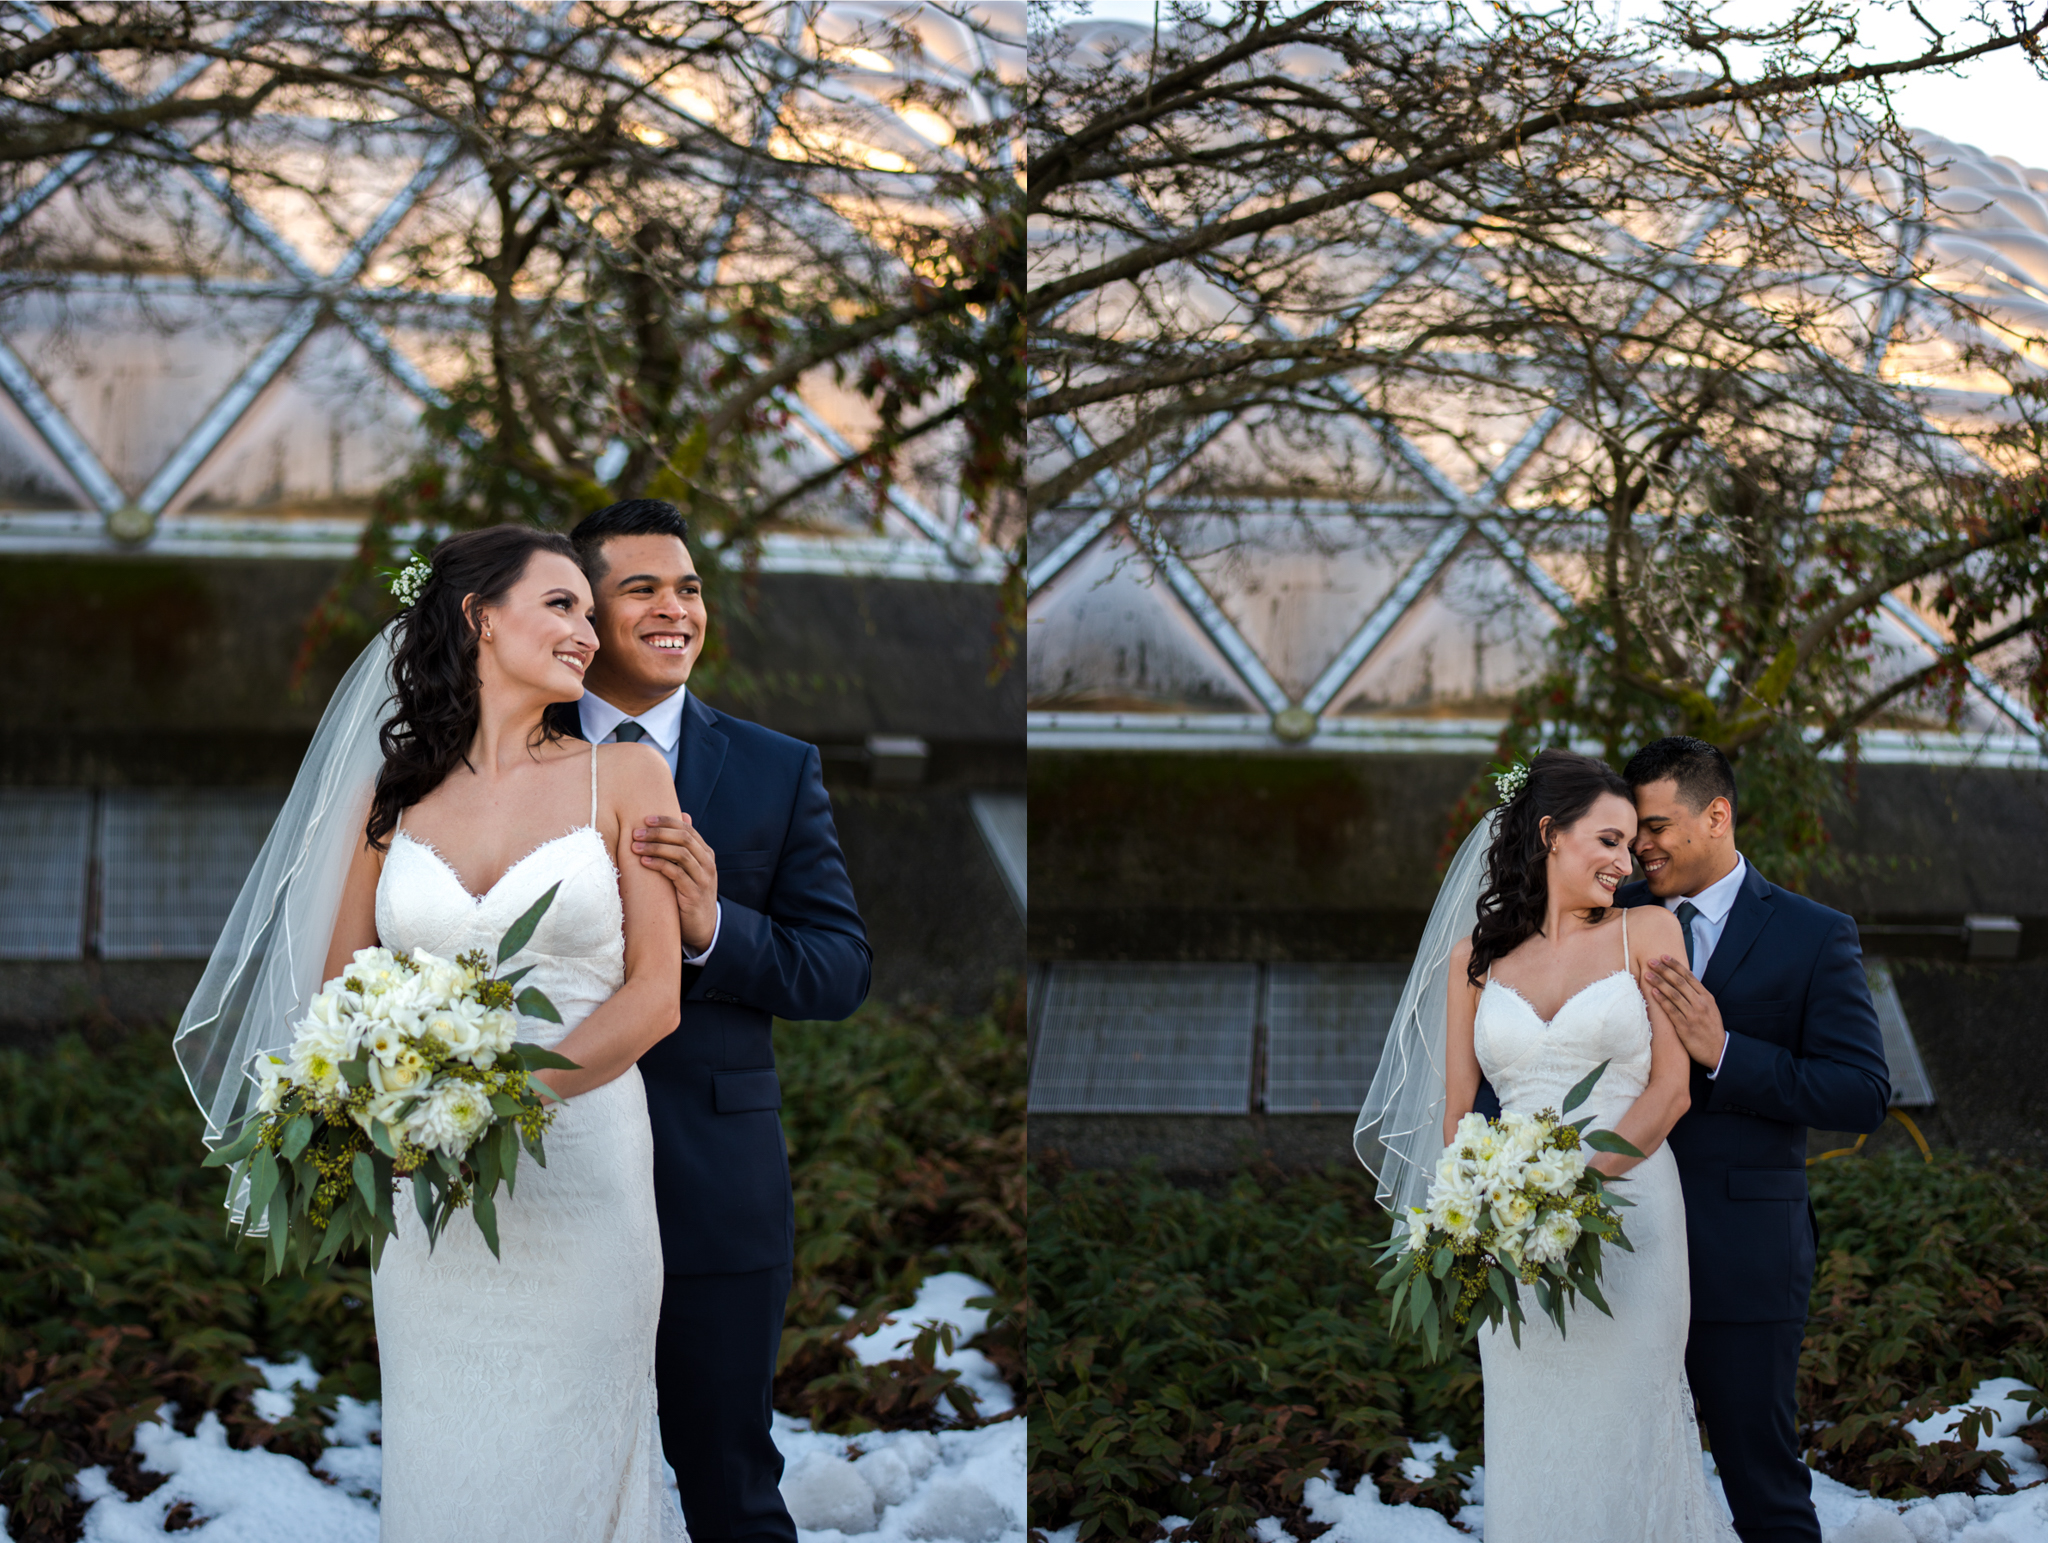 Queen Elizabeth Park Wedding Photographer-14.jpg